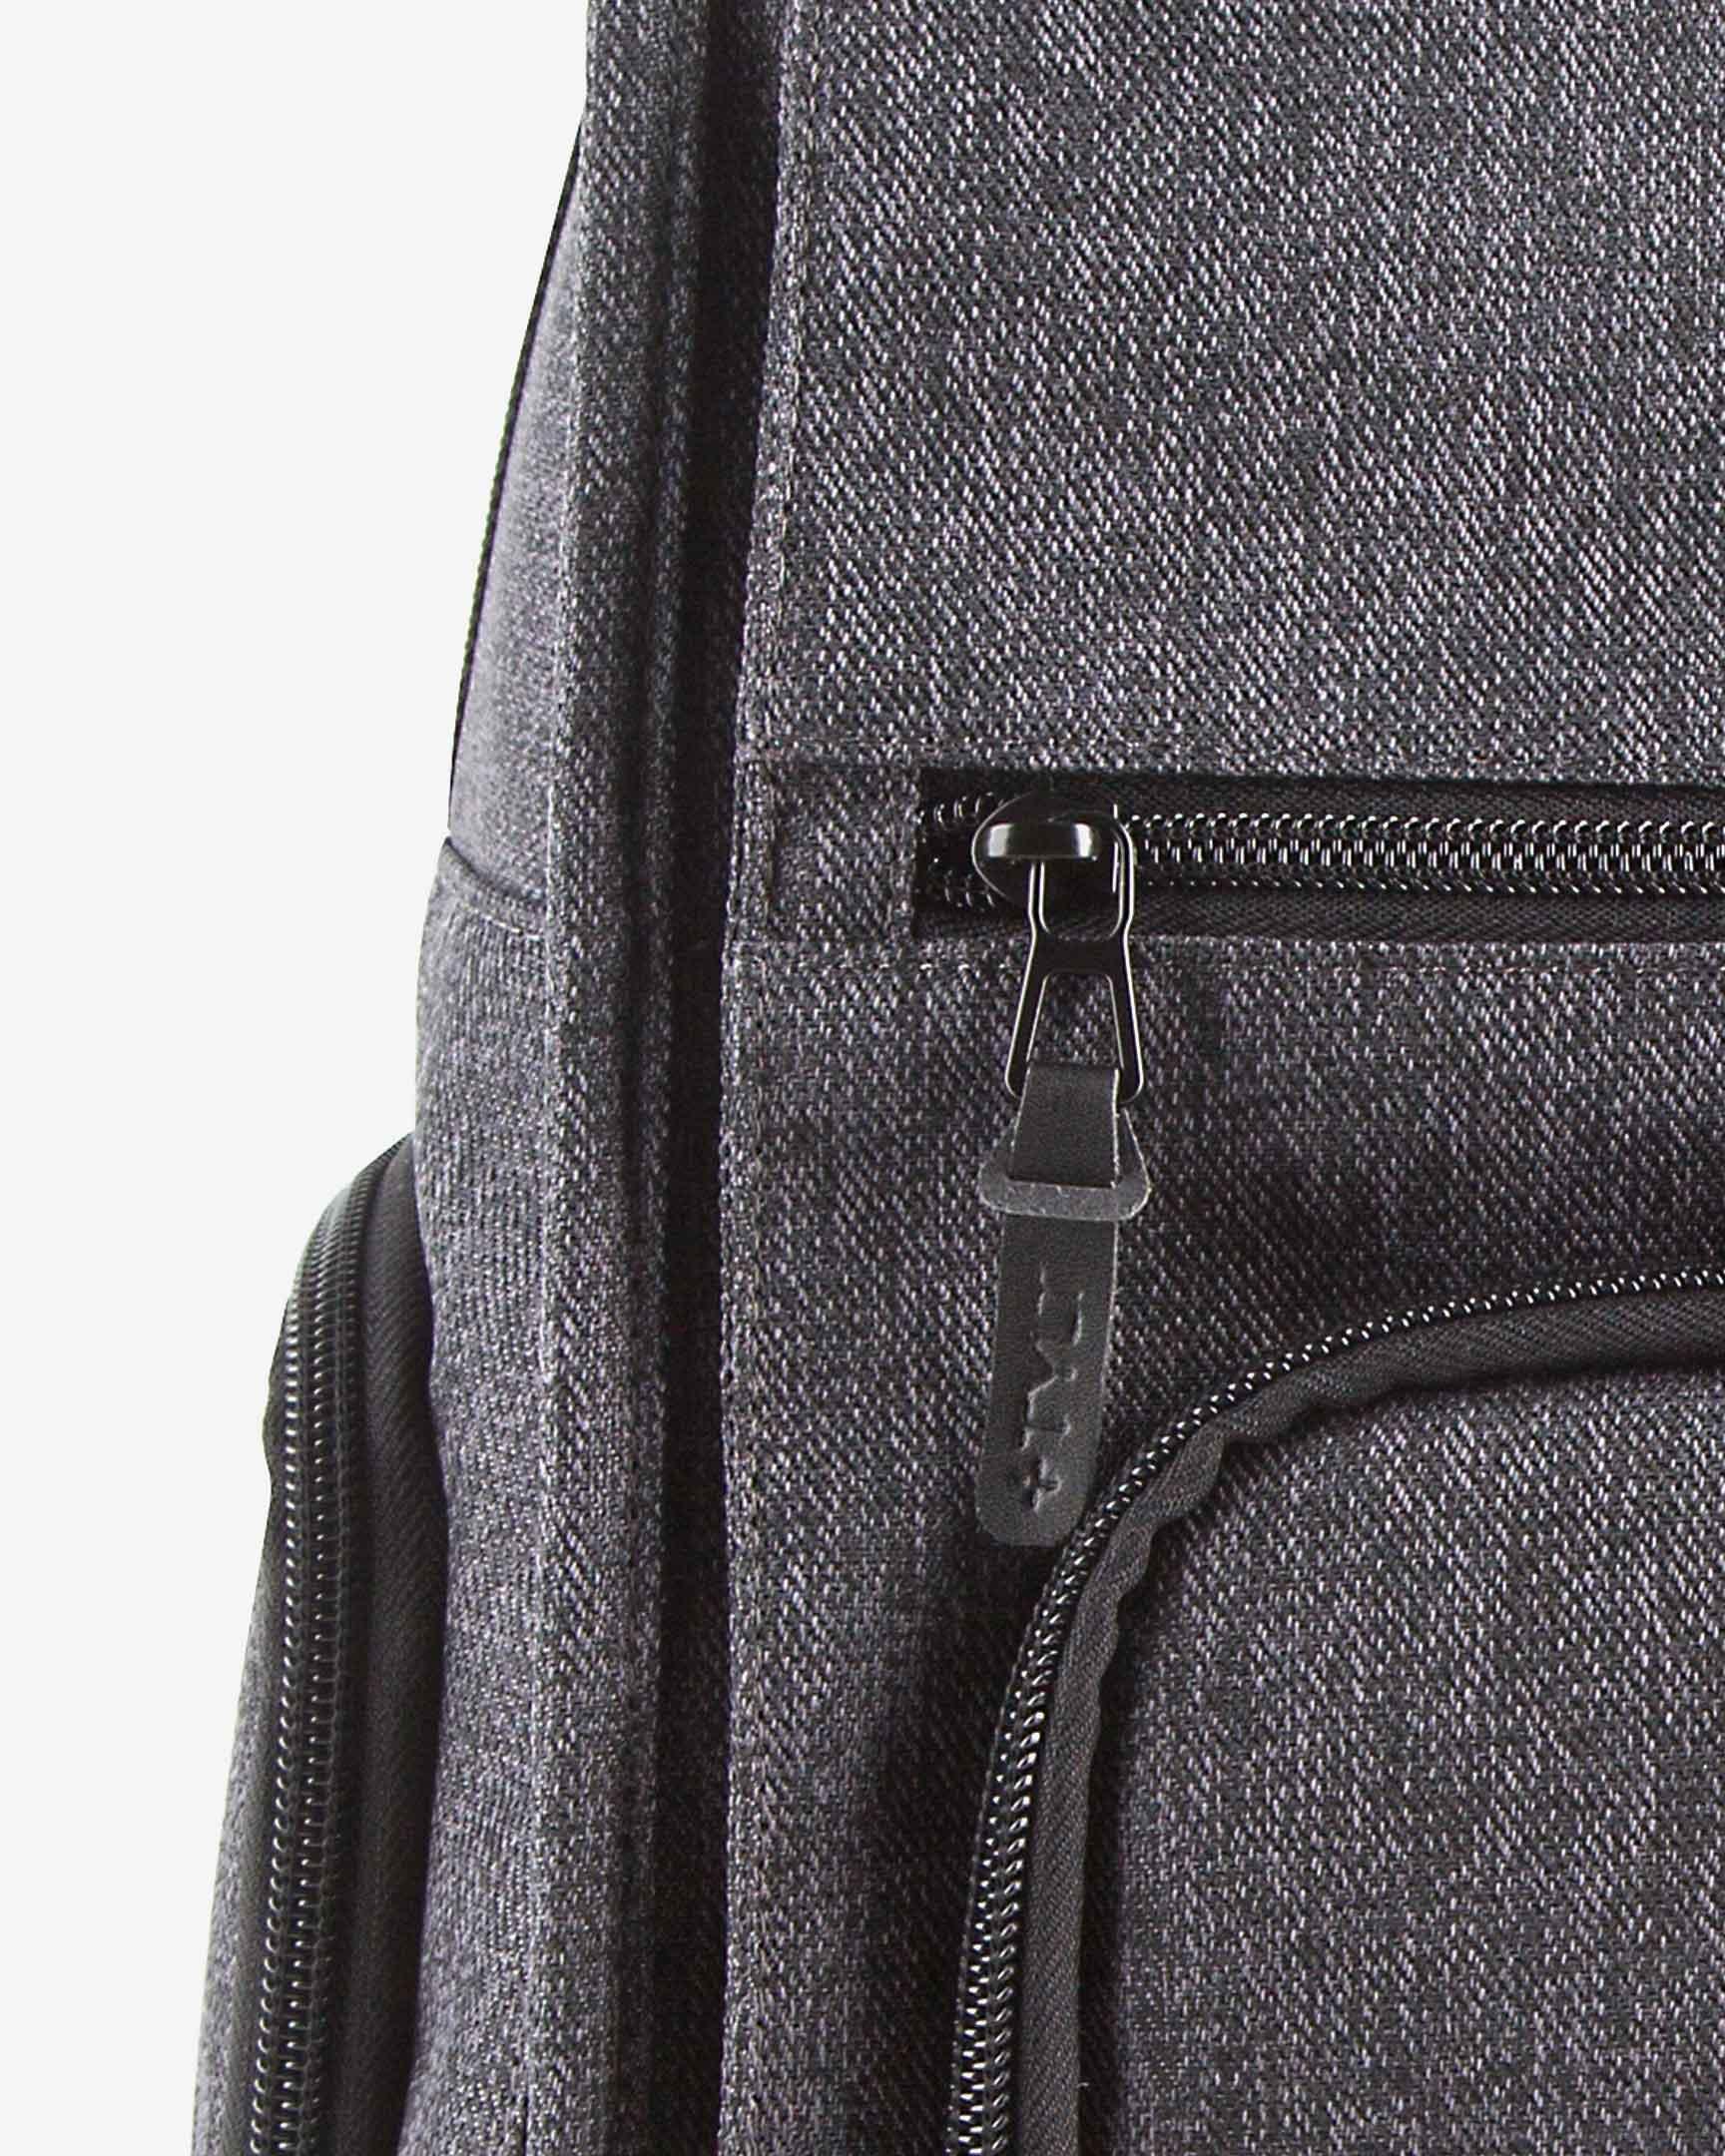 Tylt Traveler Power Bag detail